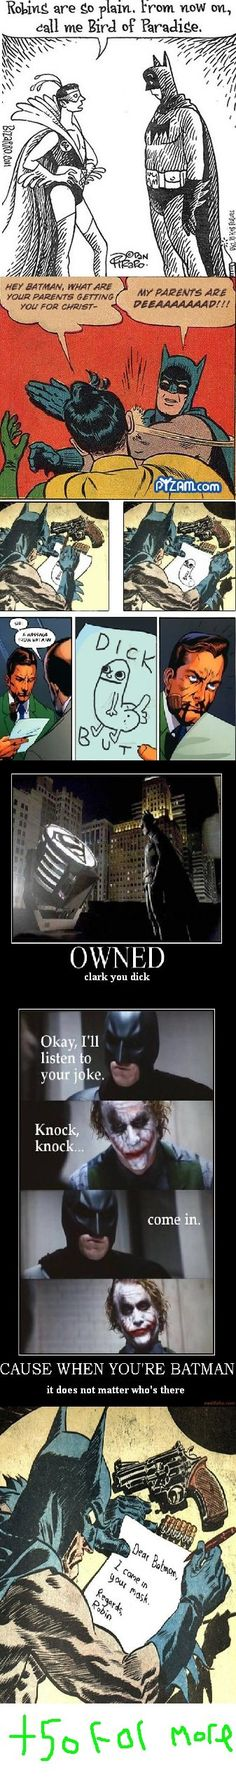 Batman funnies.